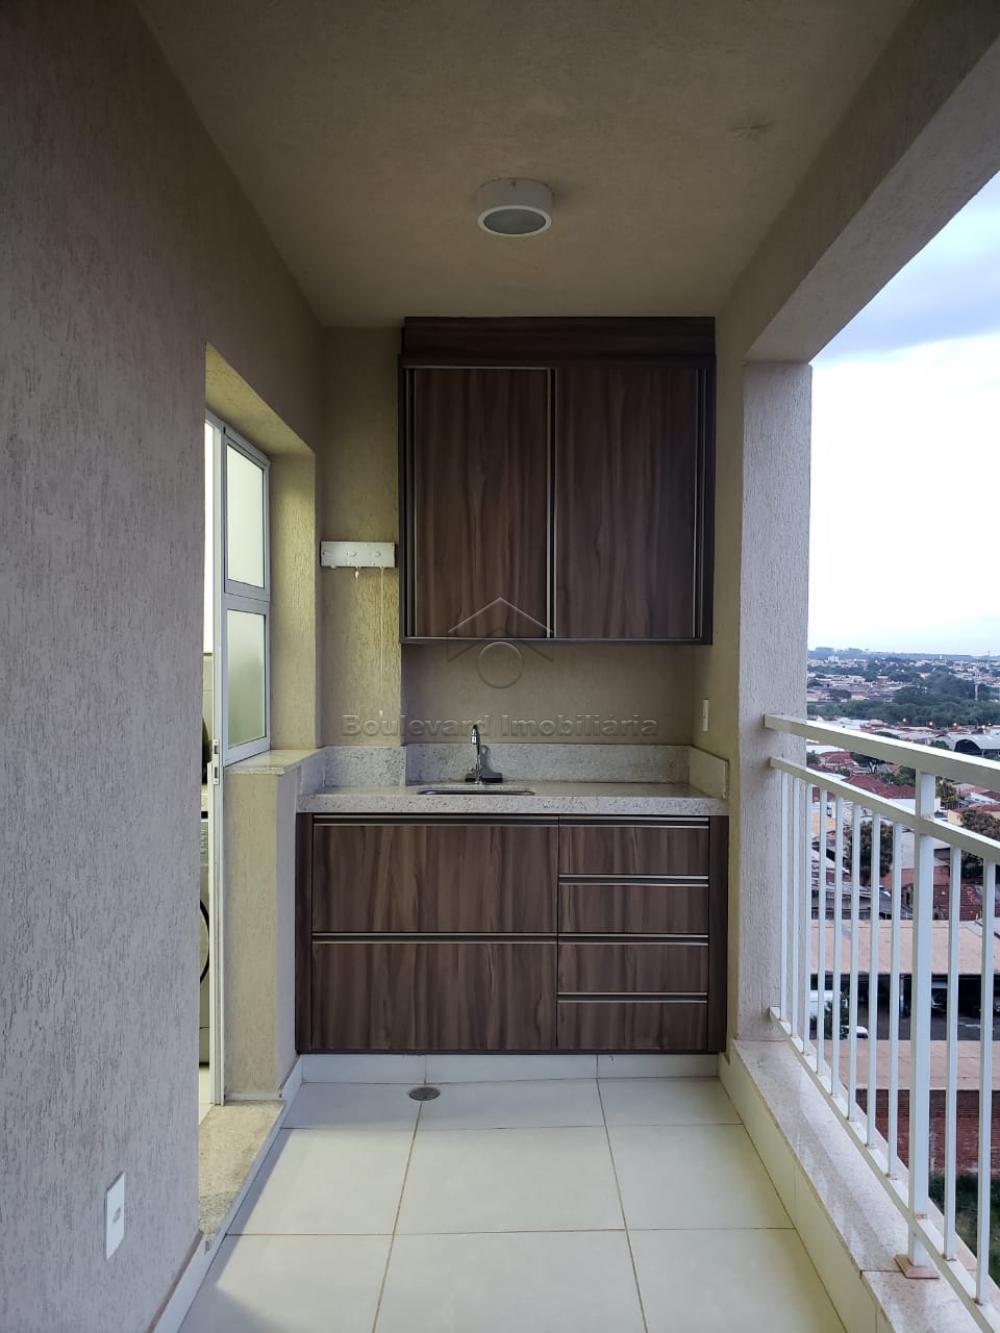 Alugar Apartamento / Padrão em Ribeirão Preto R$ 1.900,00 - Foto 1